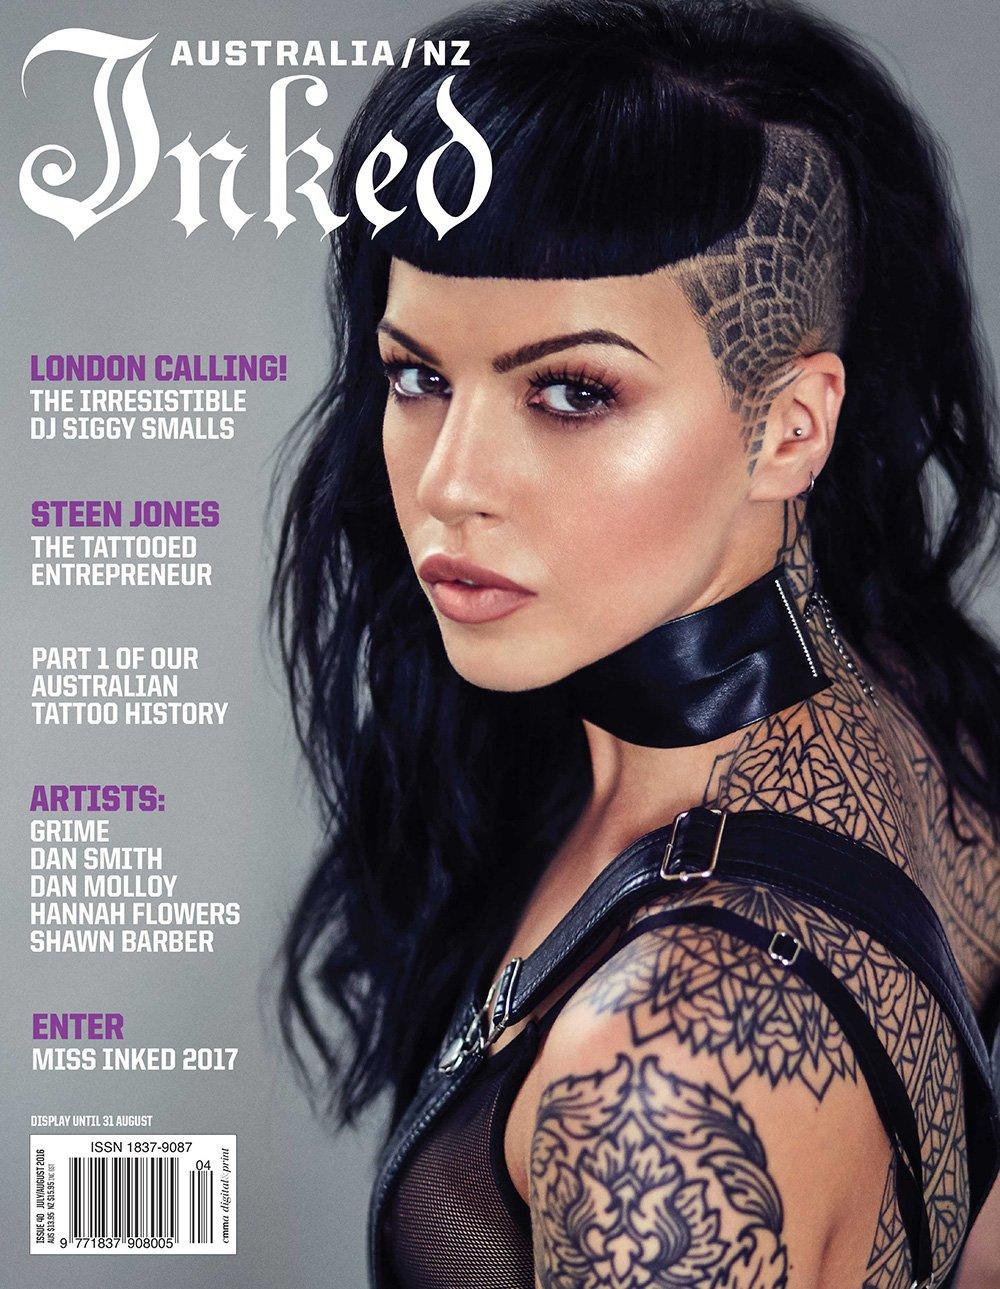 девчонки с татуировками девушки с татуировками inked татуировки девушки отвратительные мужики disgusting men